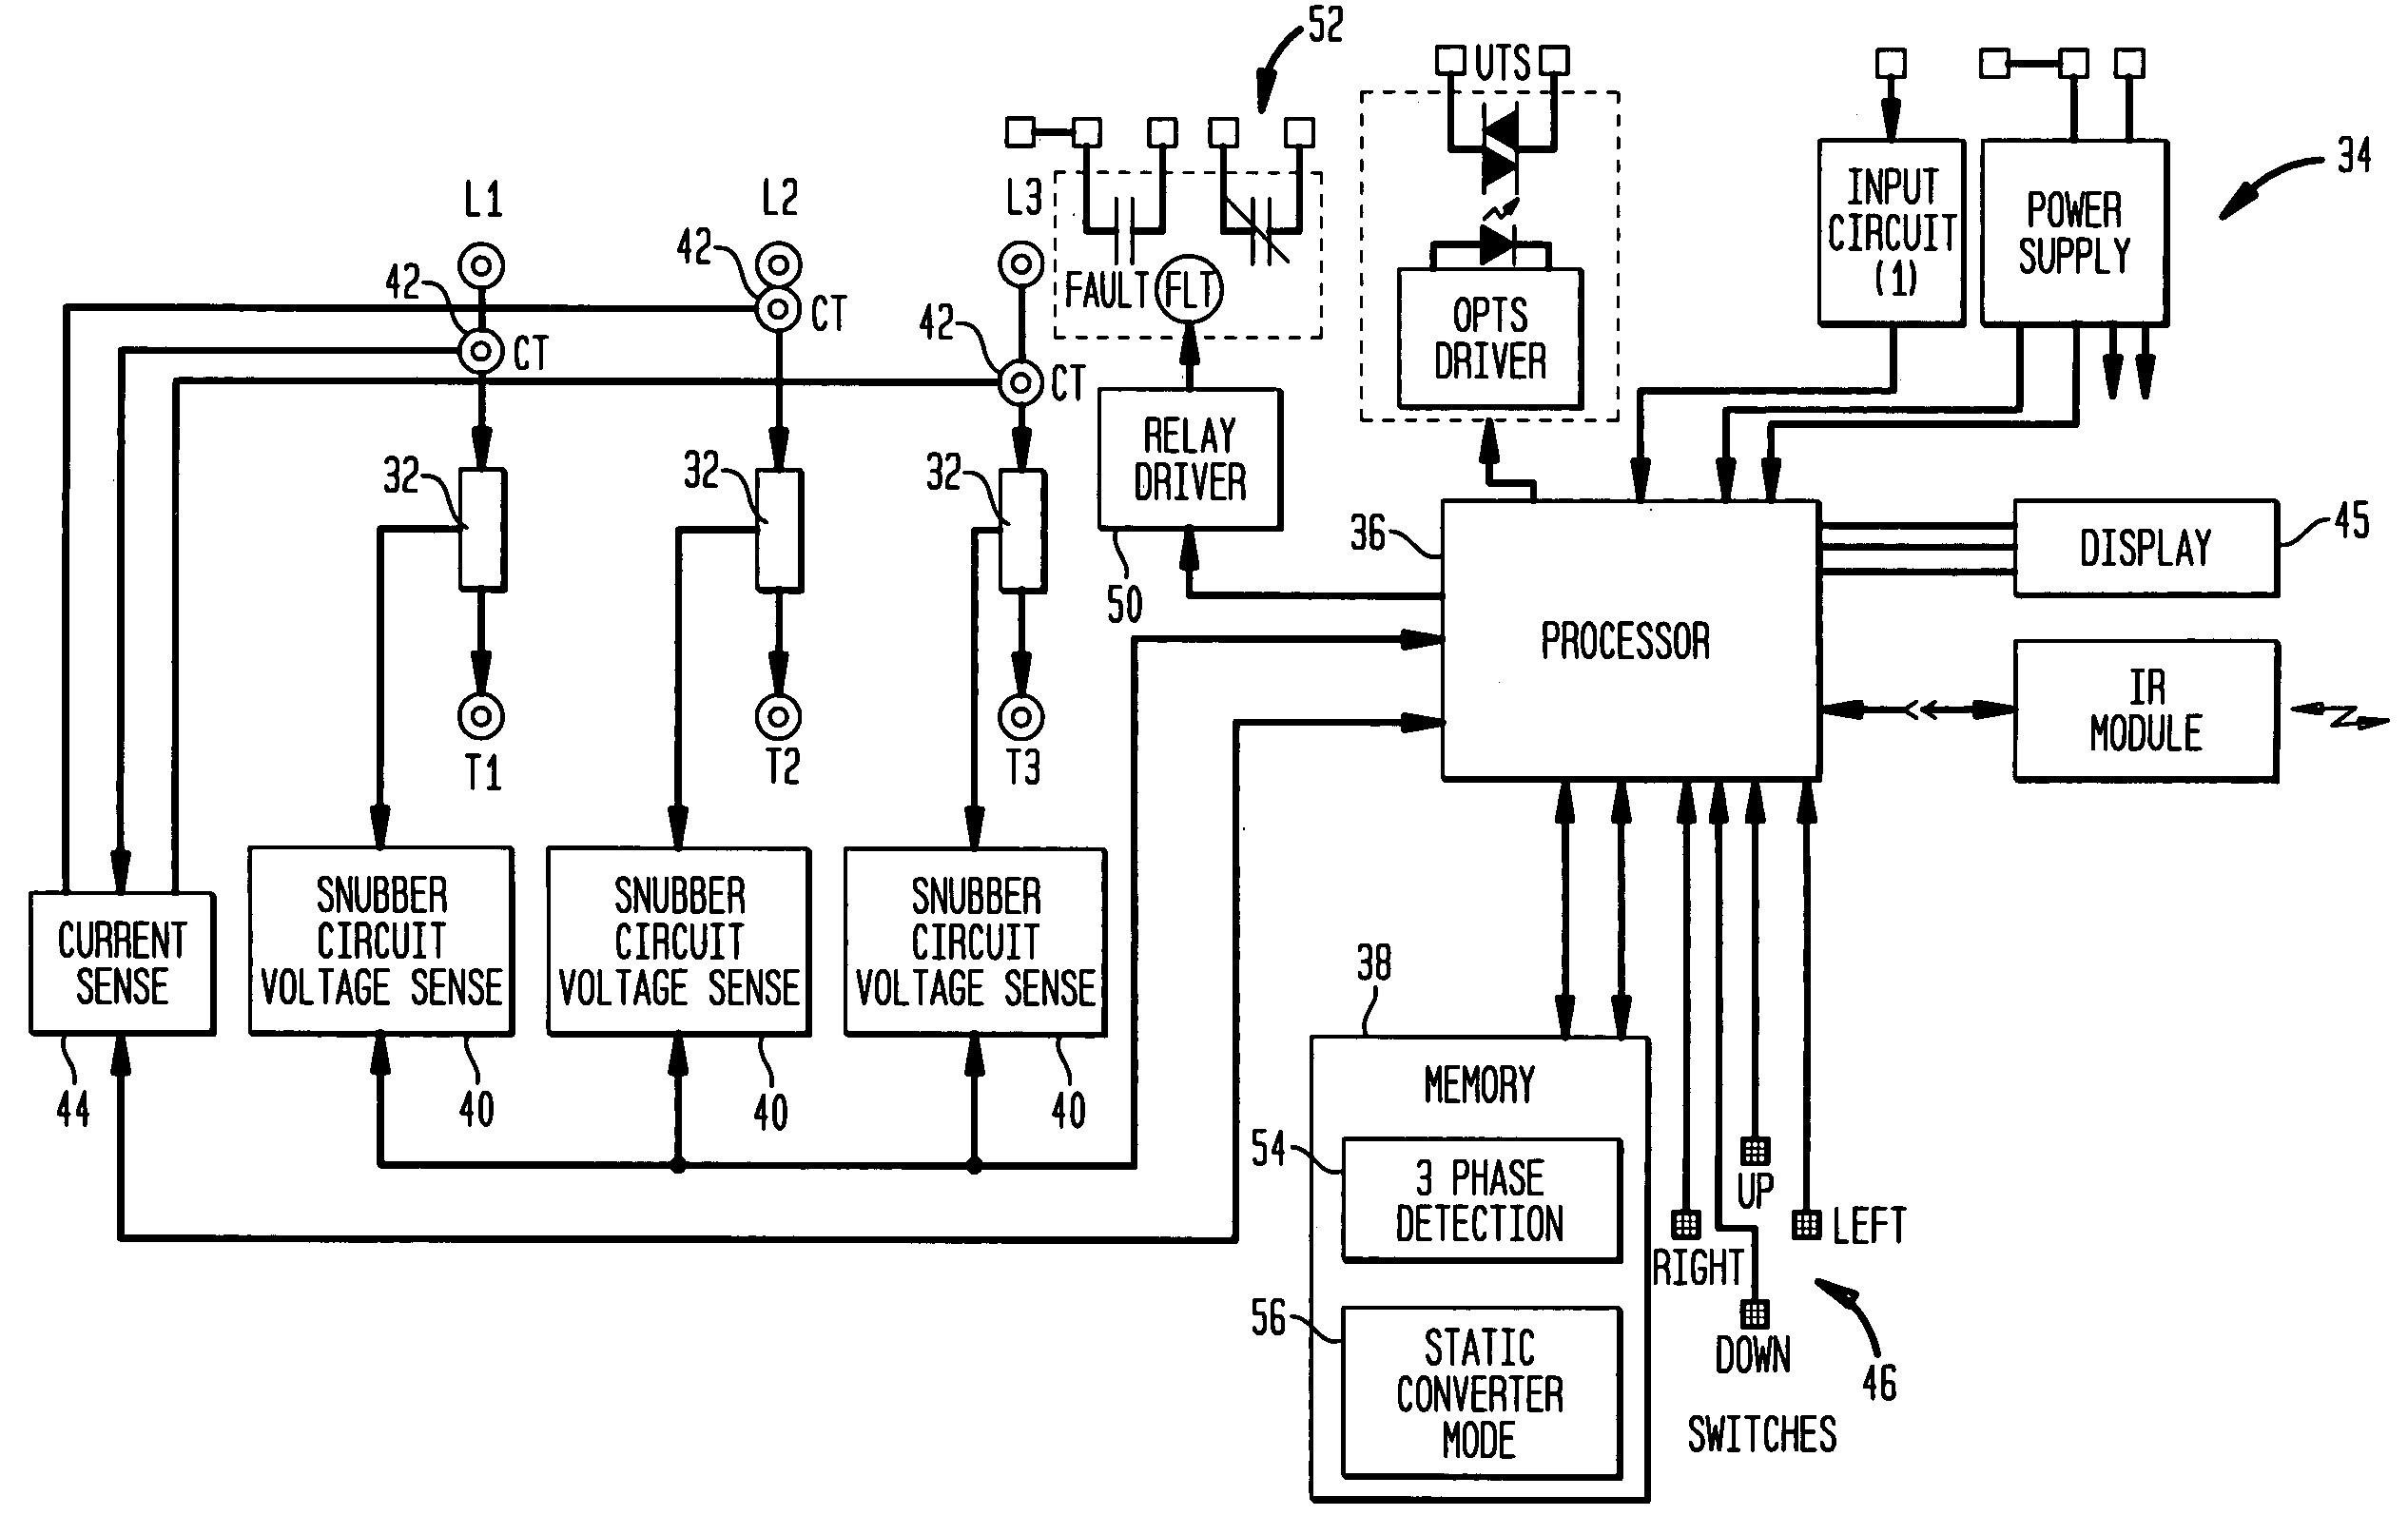 3 Phase Electric Motor Starter Wiring Diagram